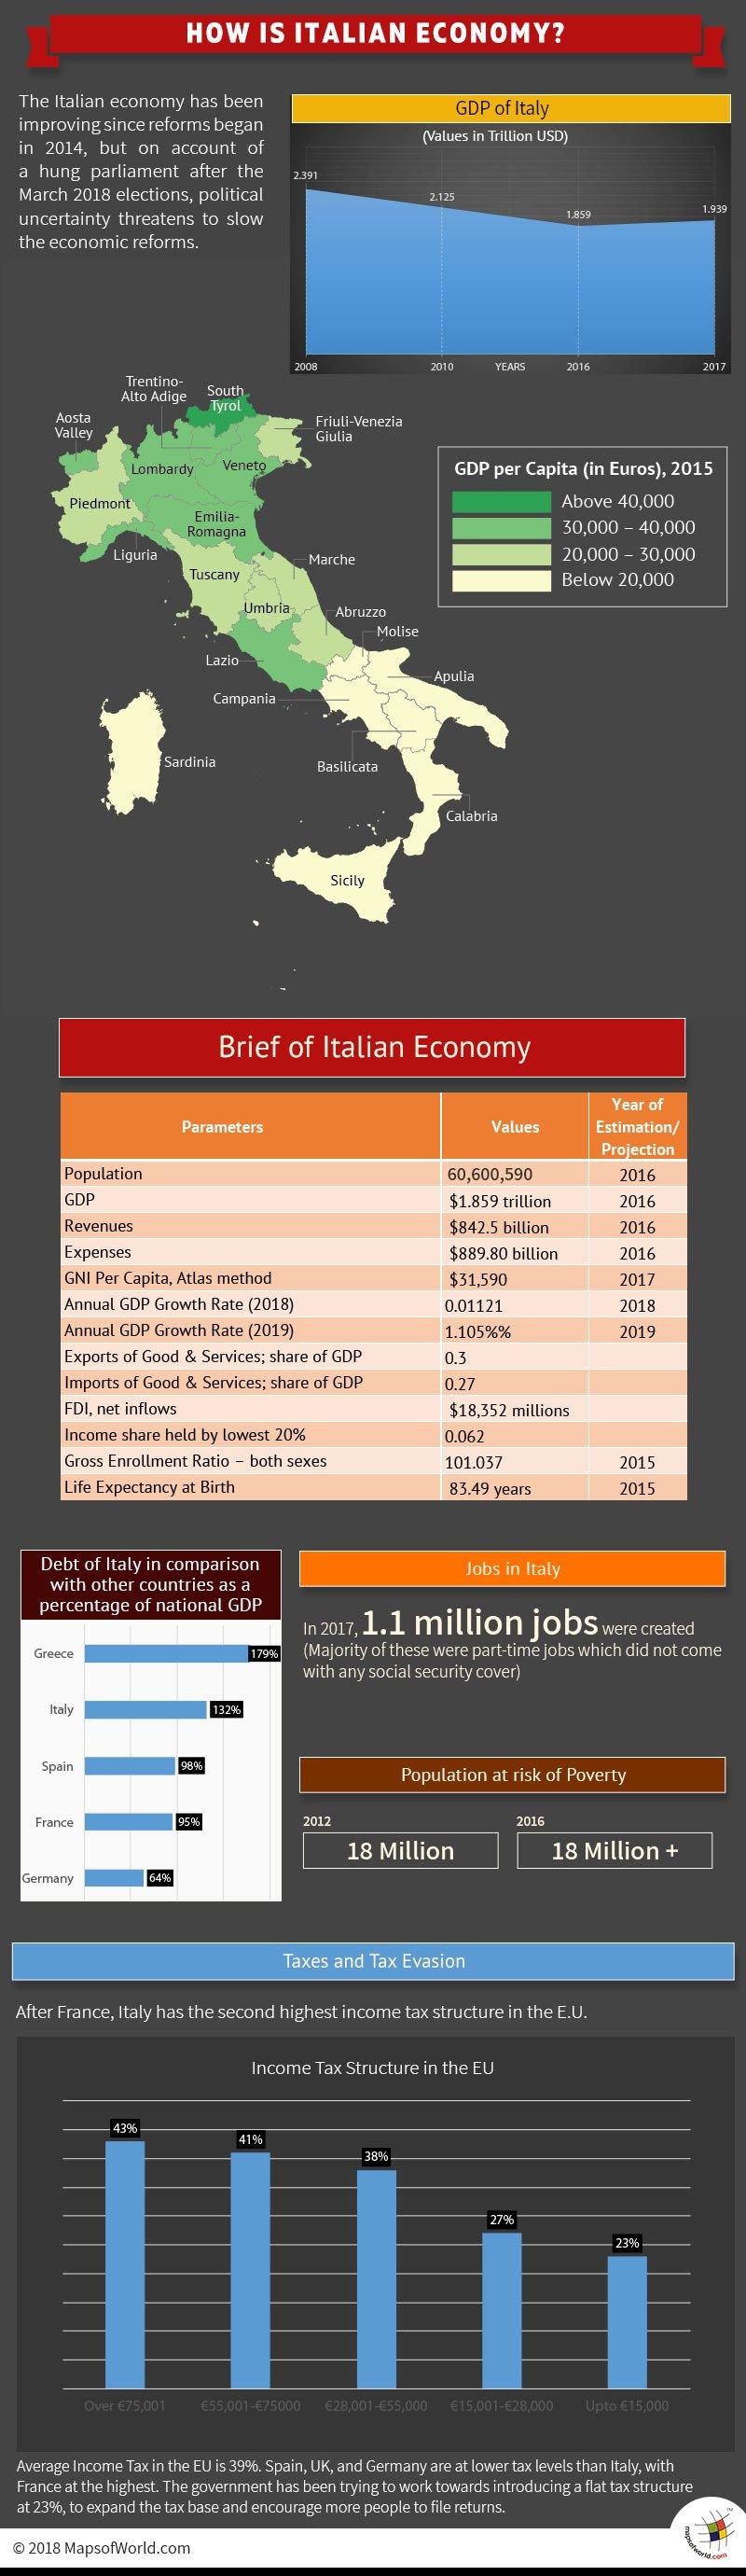 Infographic - Italian Economy